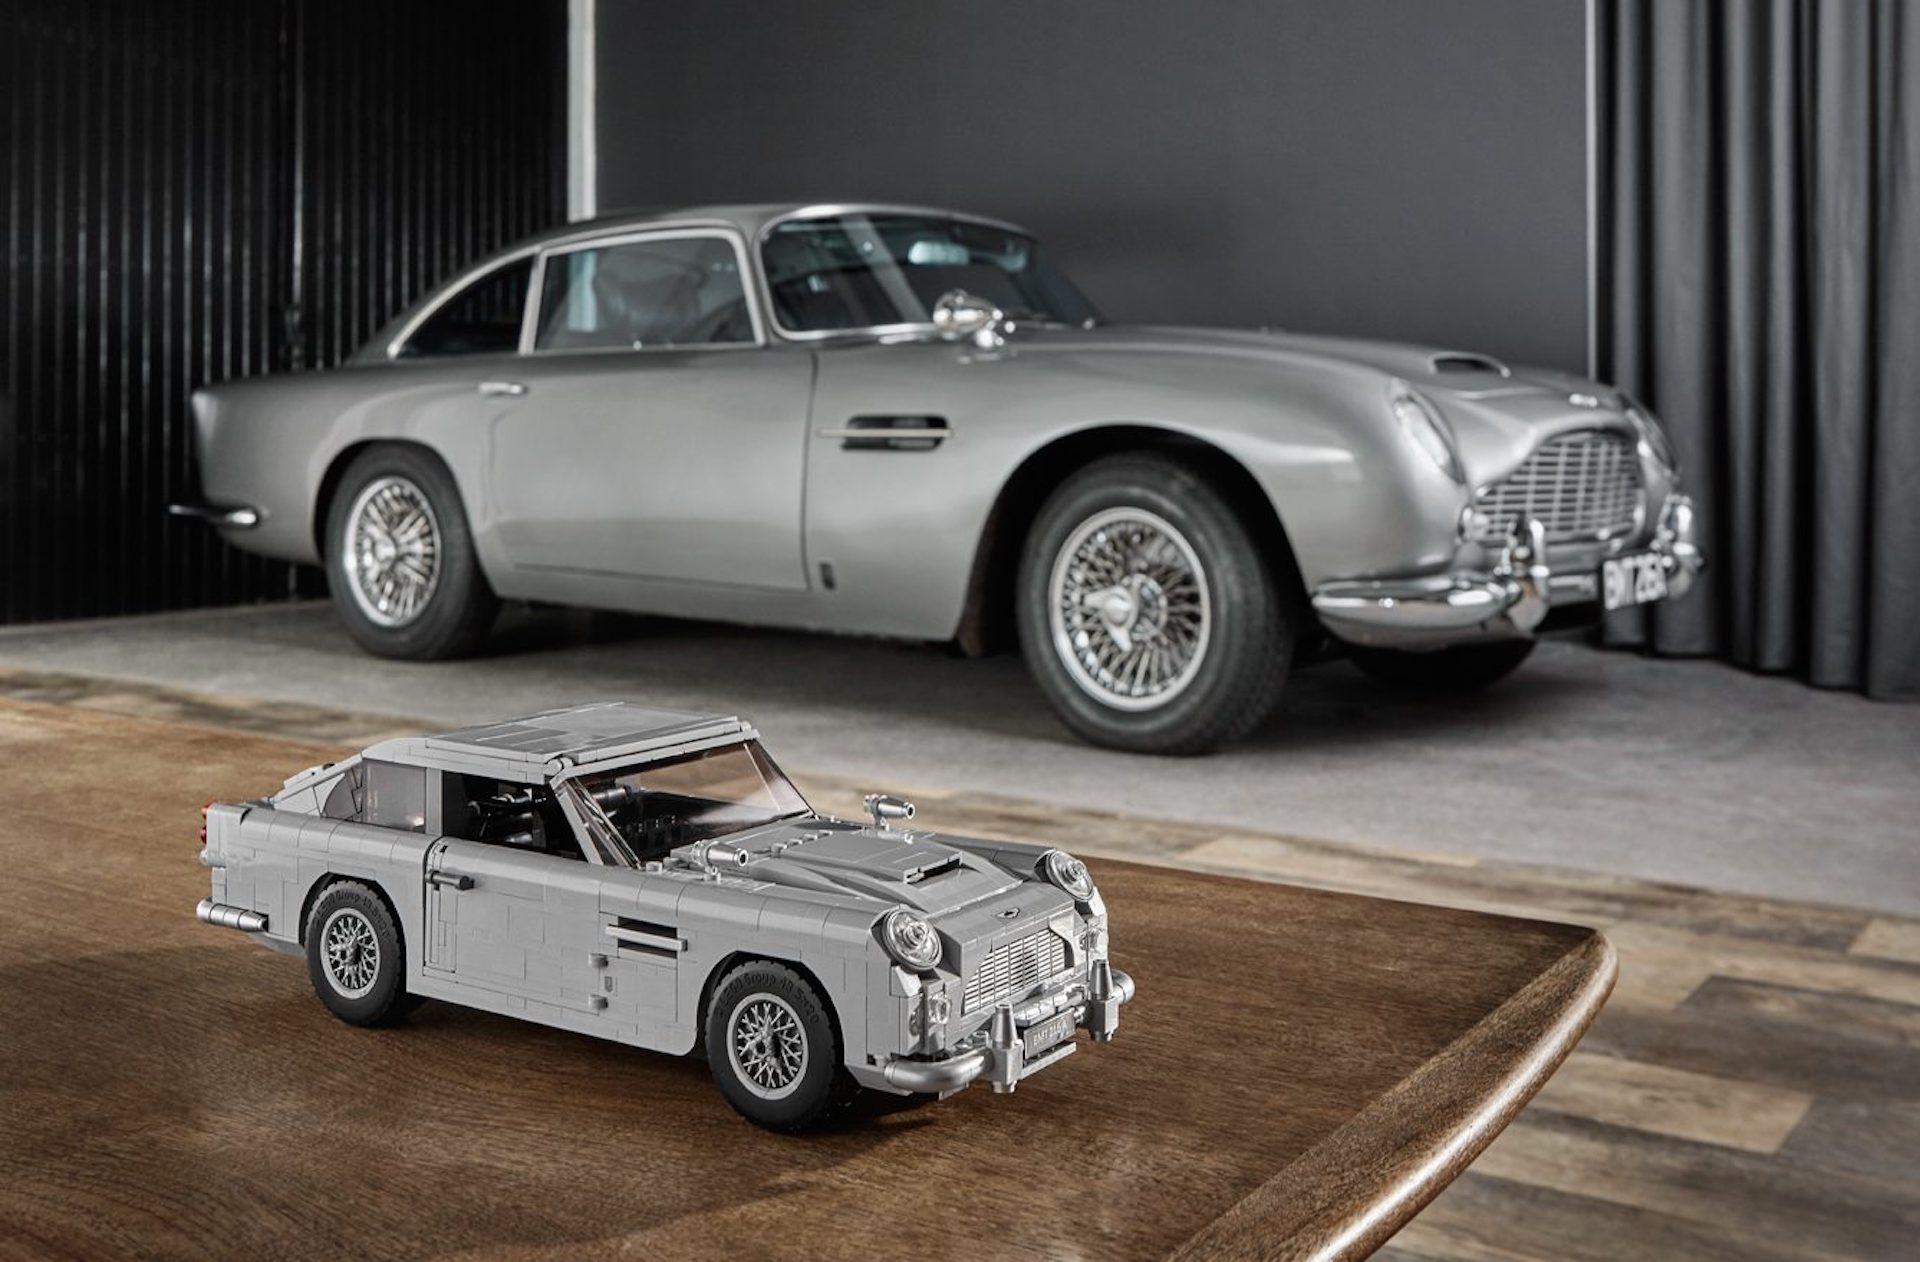 James Bond Aston Martin DB5 ficial 53 e